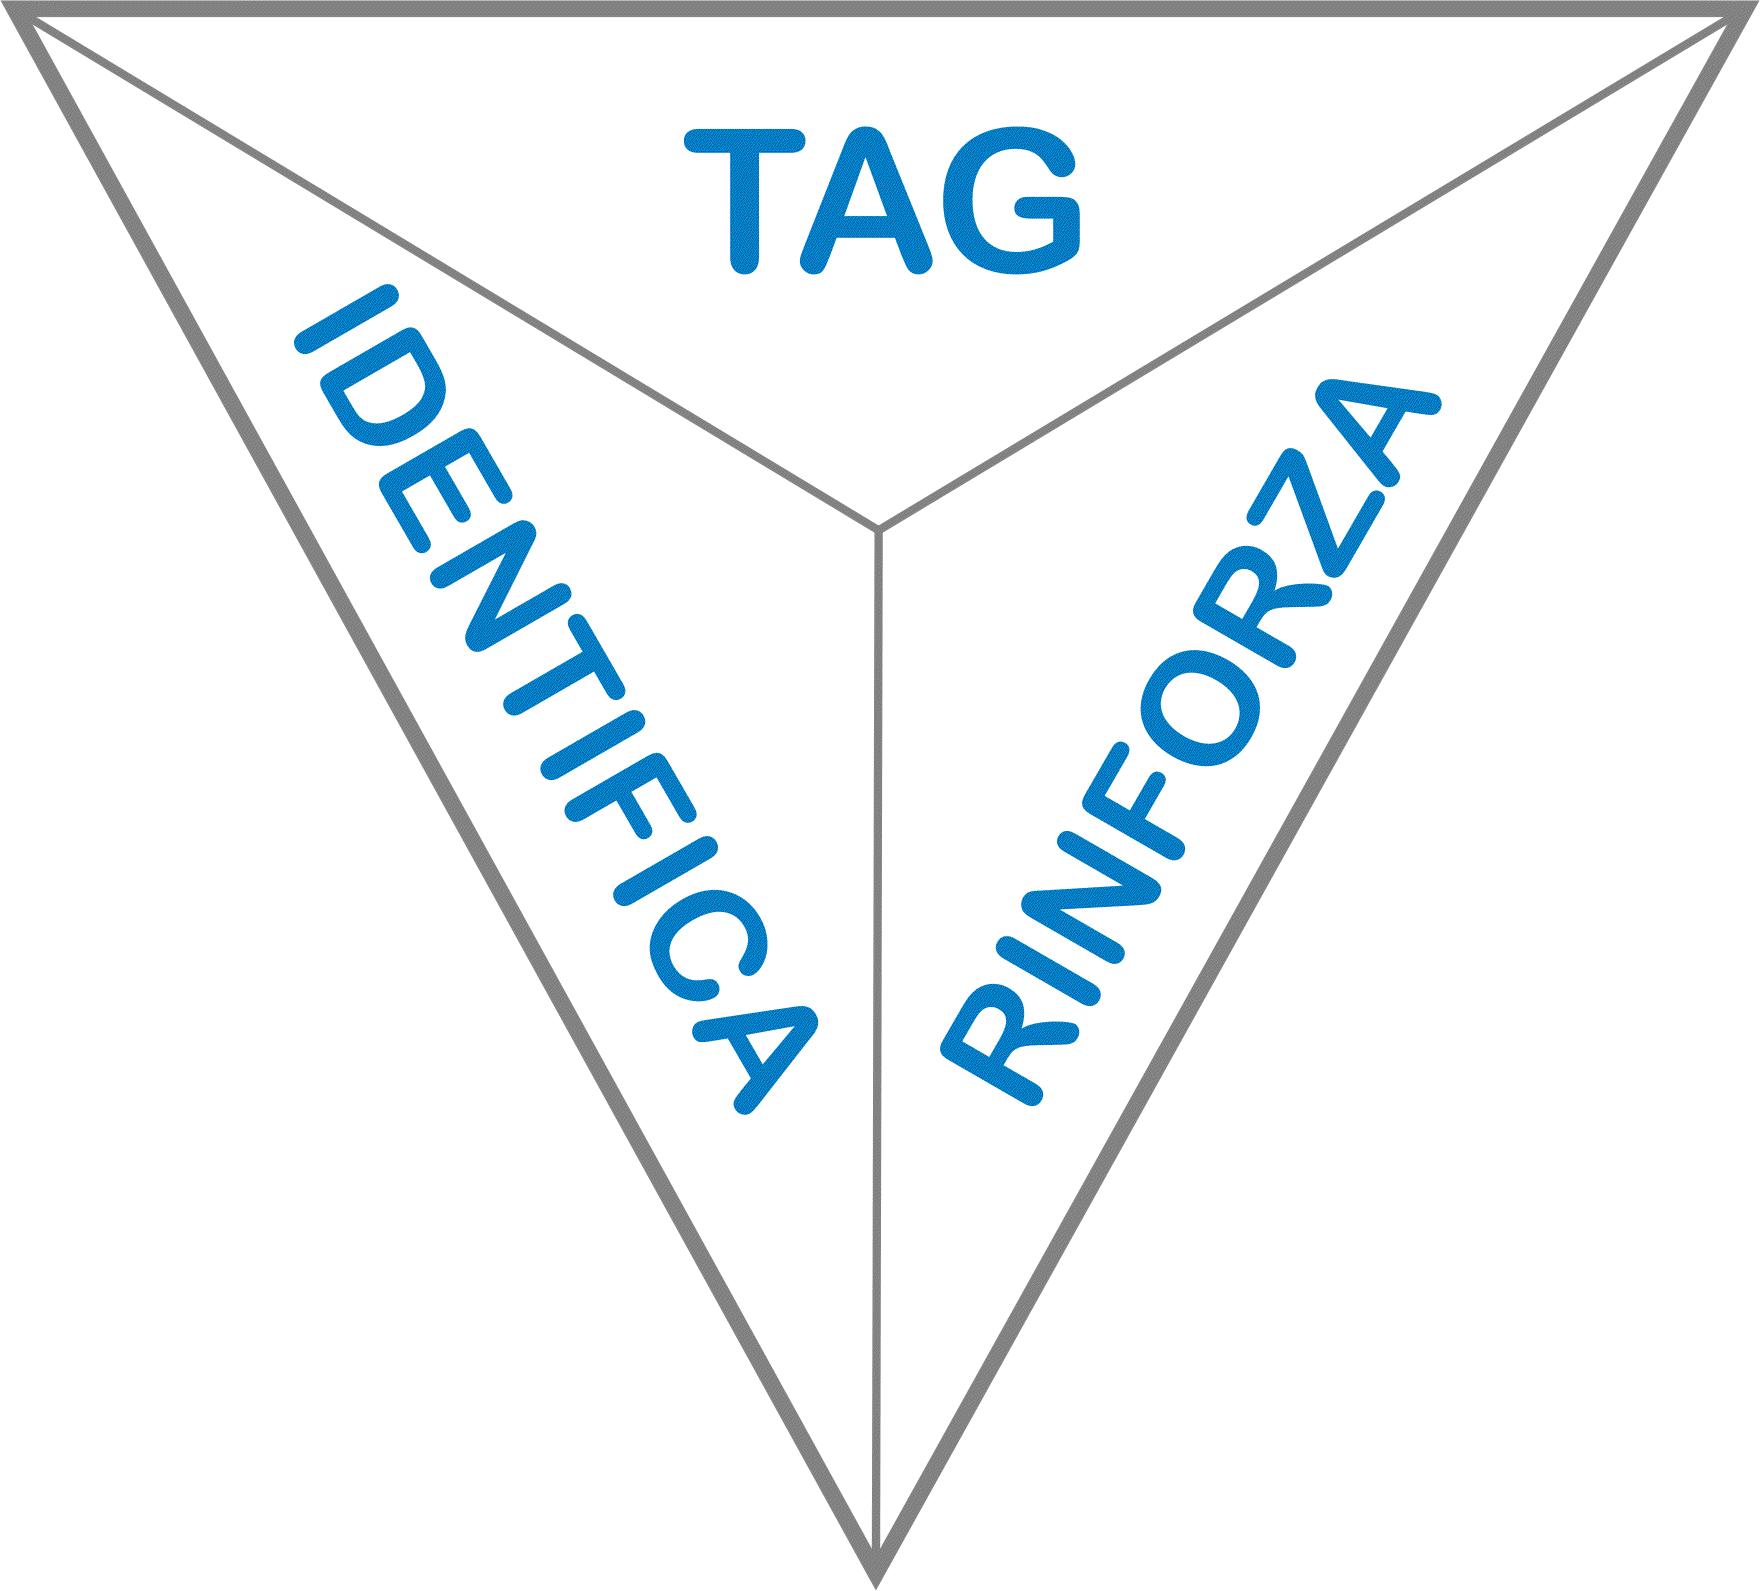 IL TRIANGOLO DEL TAGTEACH